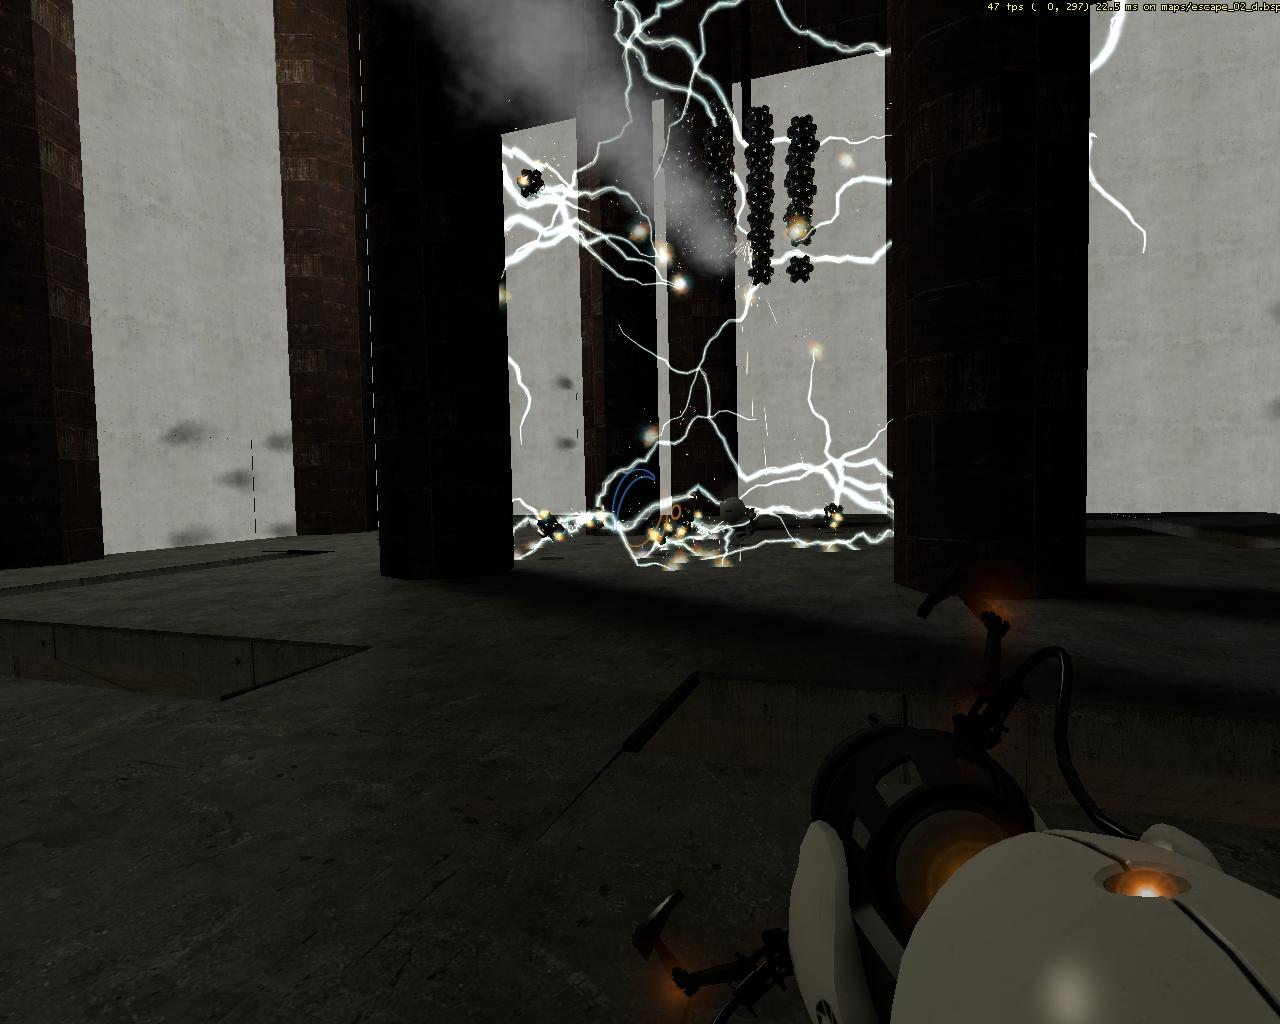 escape_02_d0044.jpg - Portal escape_02_d, Portal 2006, Portal Beta